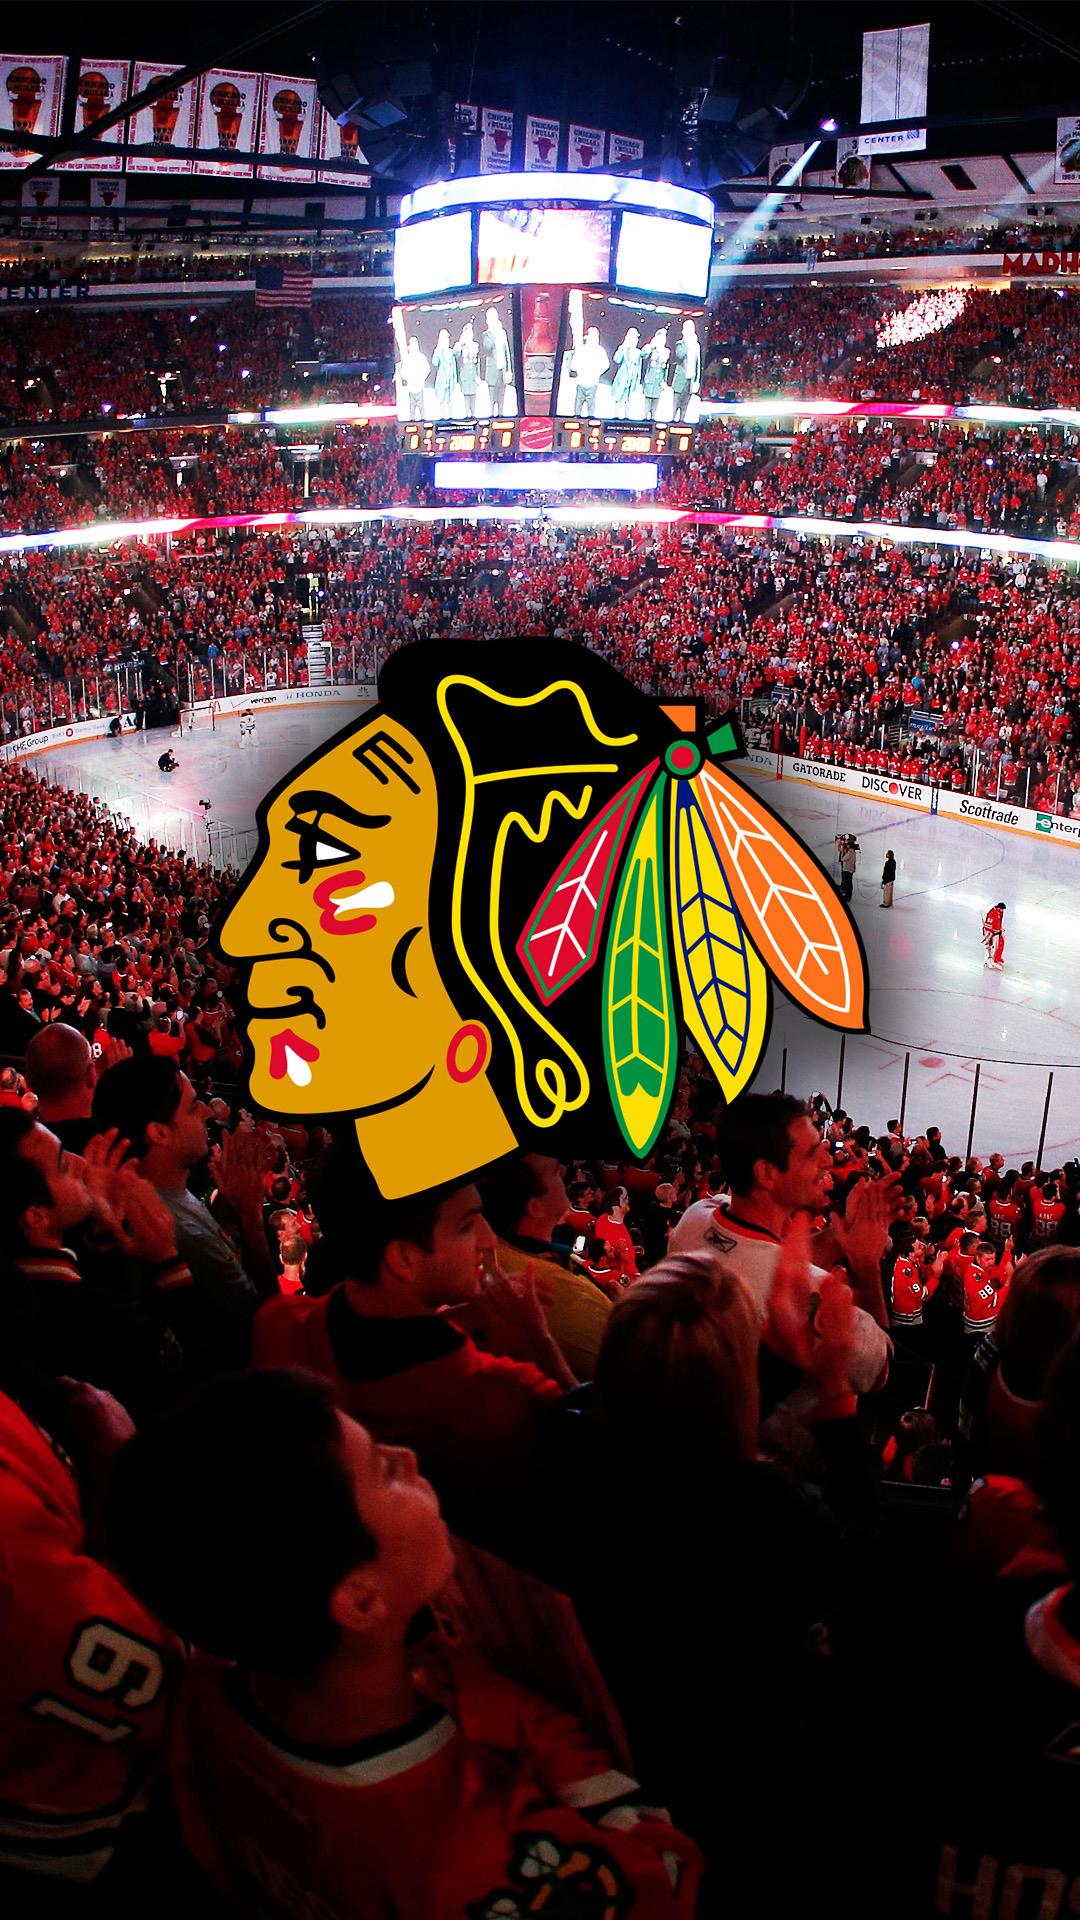 Chicago Blackhawks Hawks Hockey Nhl Iphone Lockscreens Chicago Blackhawks 1080x1920 Wallpaper Teahub Io